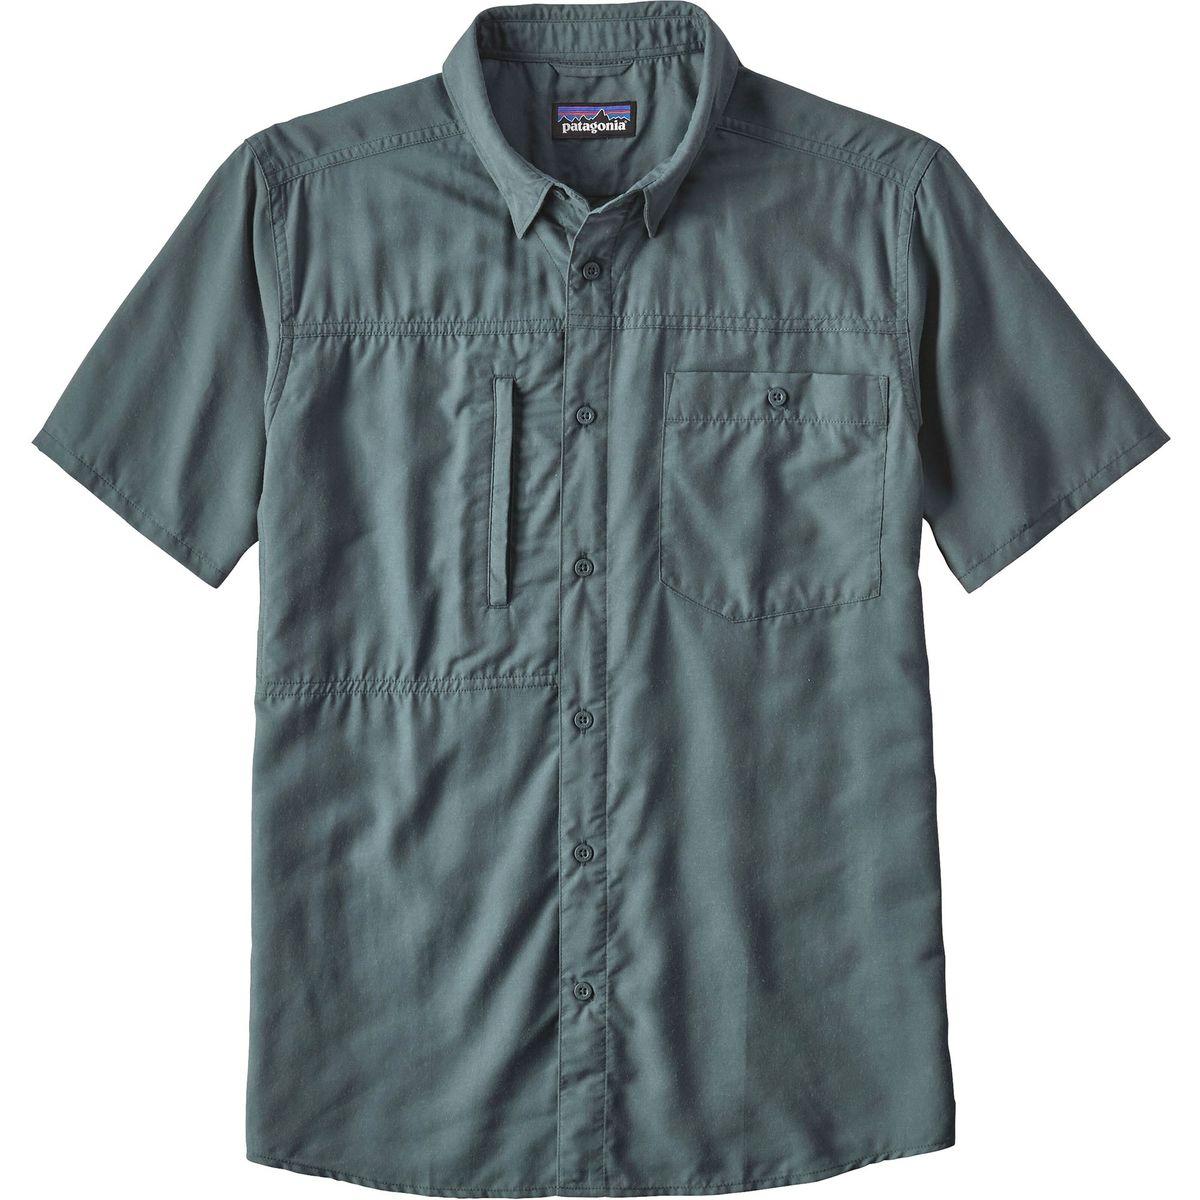 Patagonia Gallegos Short-Sleeve Shirt - Men